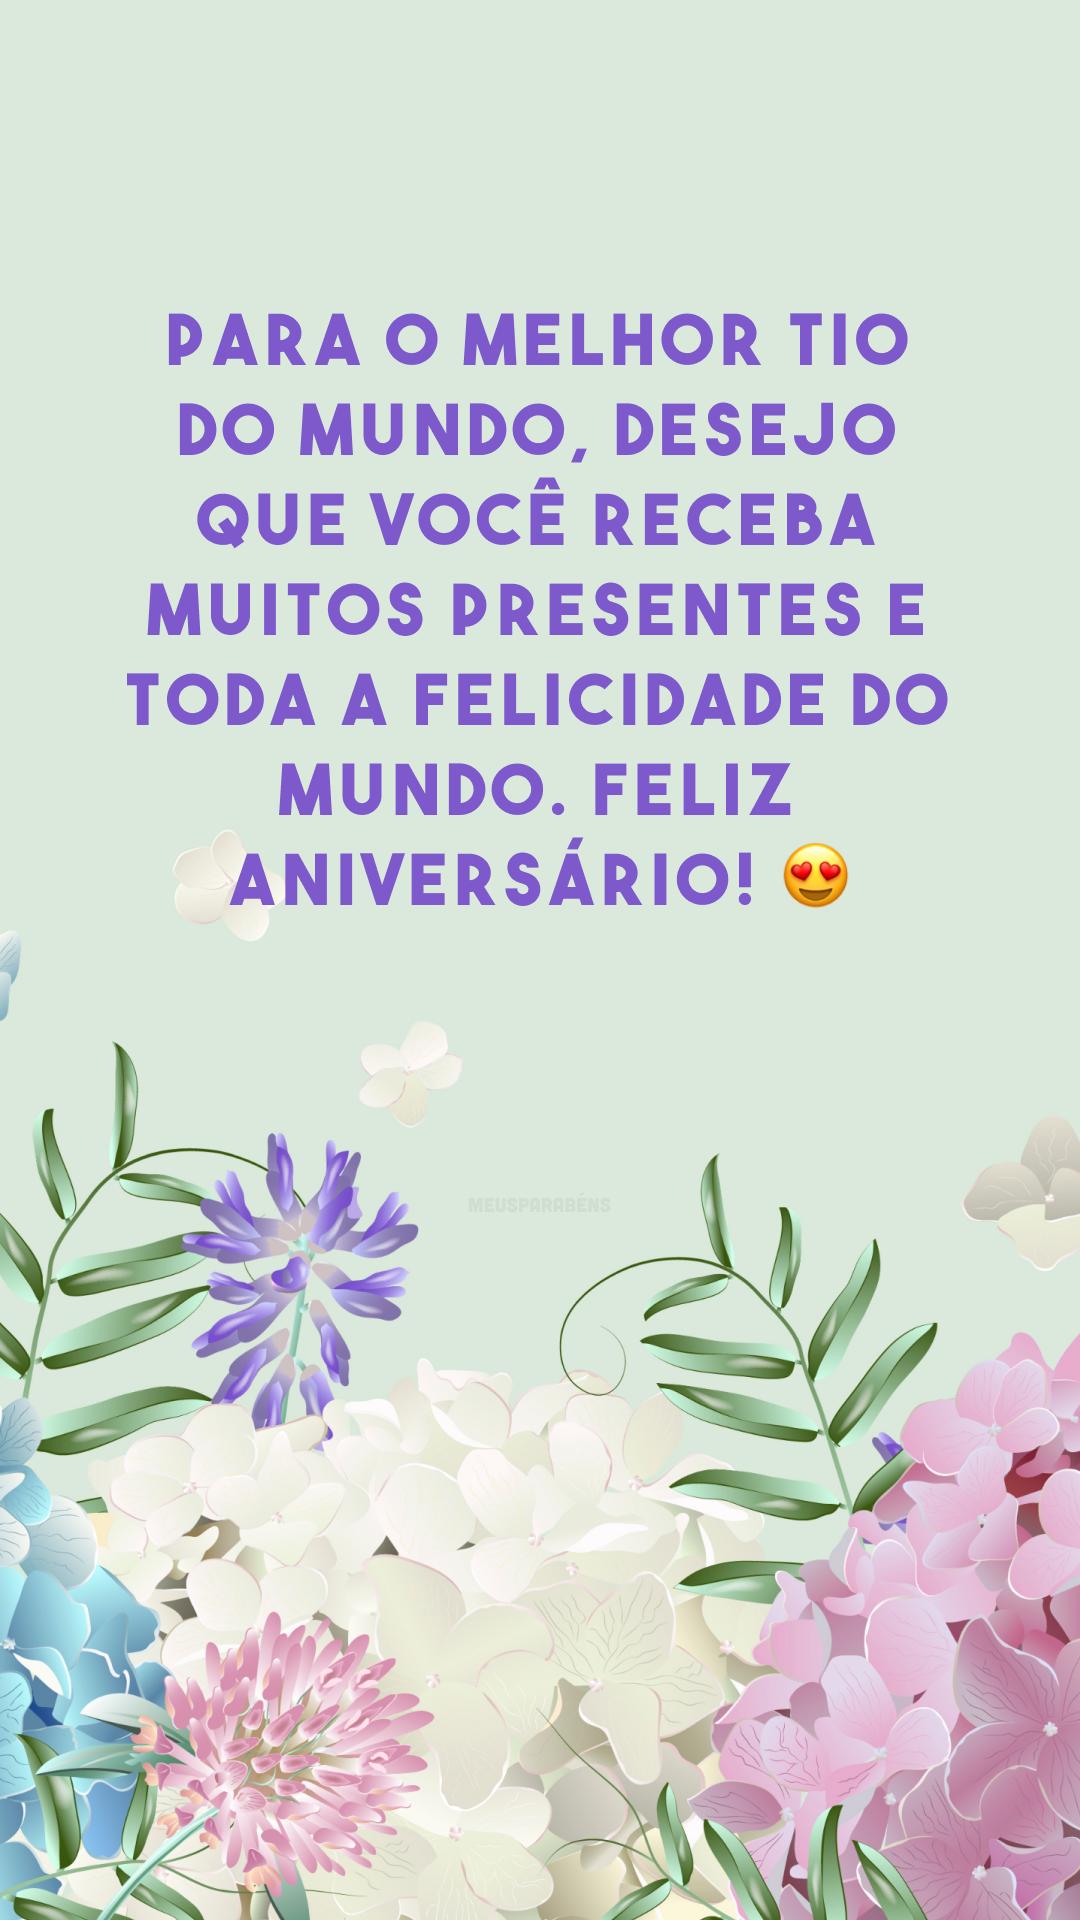 Para o melhor tio do mundo, desejo que você receba muitos presentes e toda a felicidade do mundo. Feliz aniversário! 😍